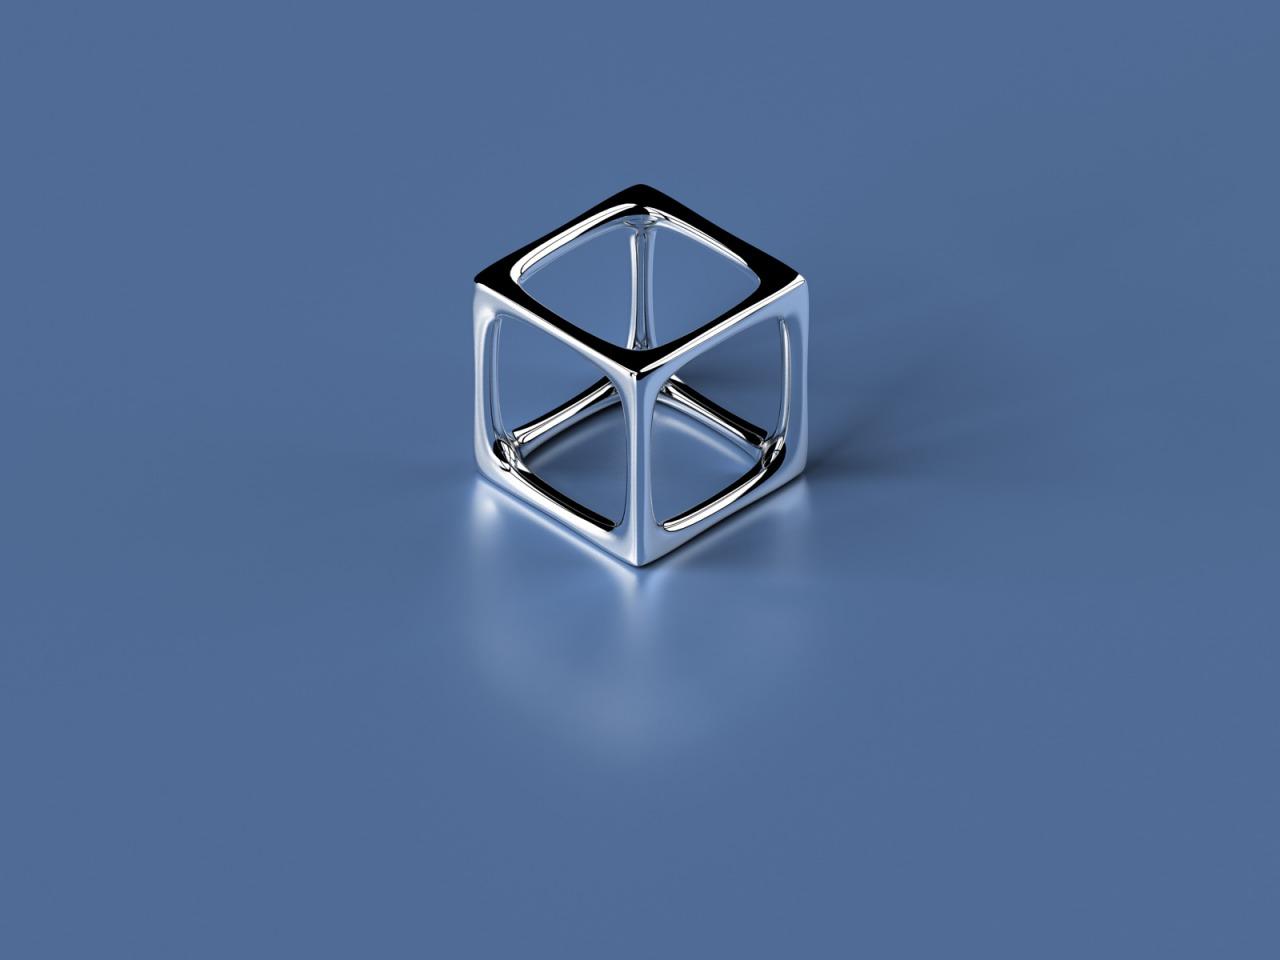 simple 3d cube wallpaper abstract 3d wallpaper 1280 960 110jpg 1280x960